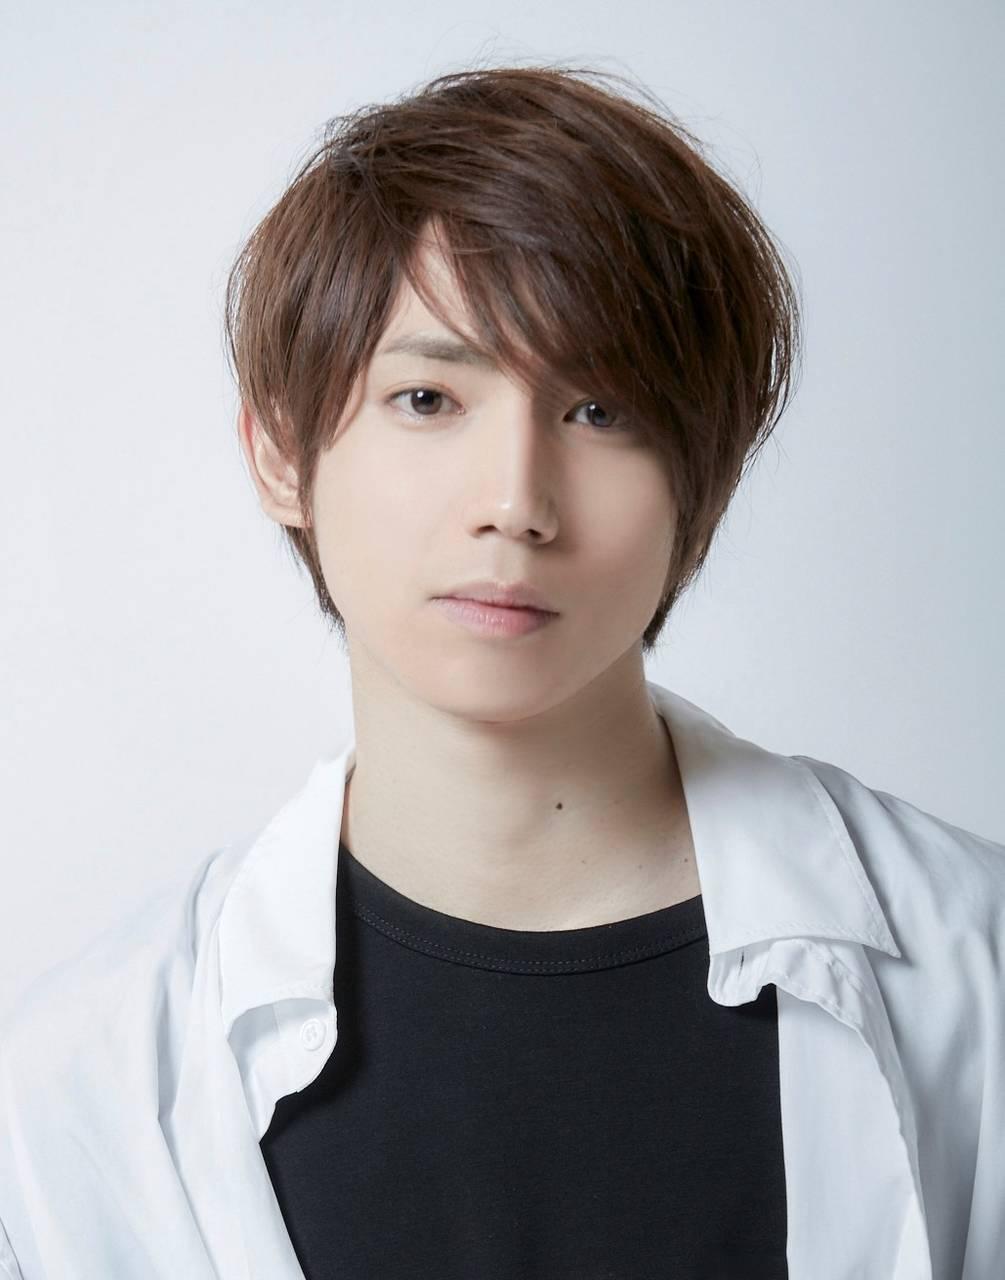 『有澤樟太郎のあさステ!』 に牧島輝さんがゲスト出演!ミュージカル 『刀剣乱舞』で共演中3